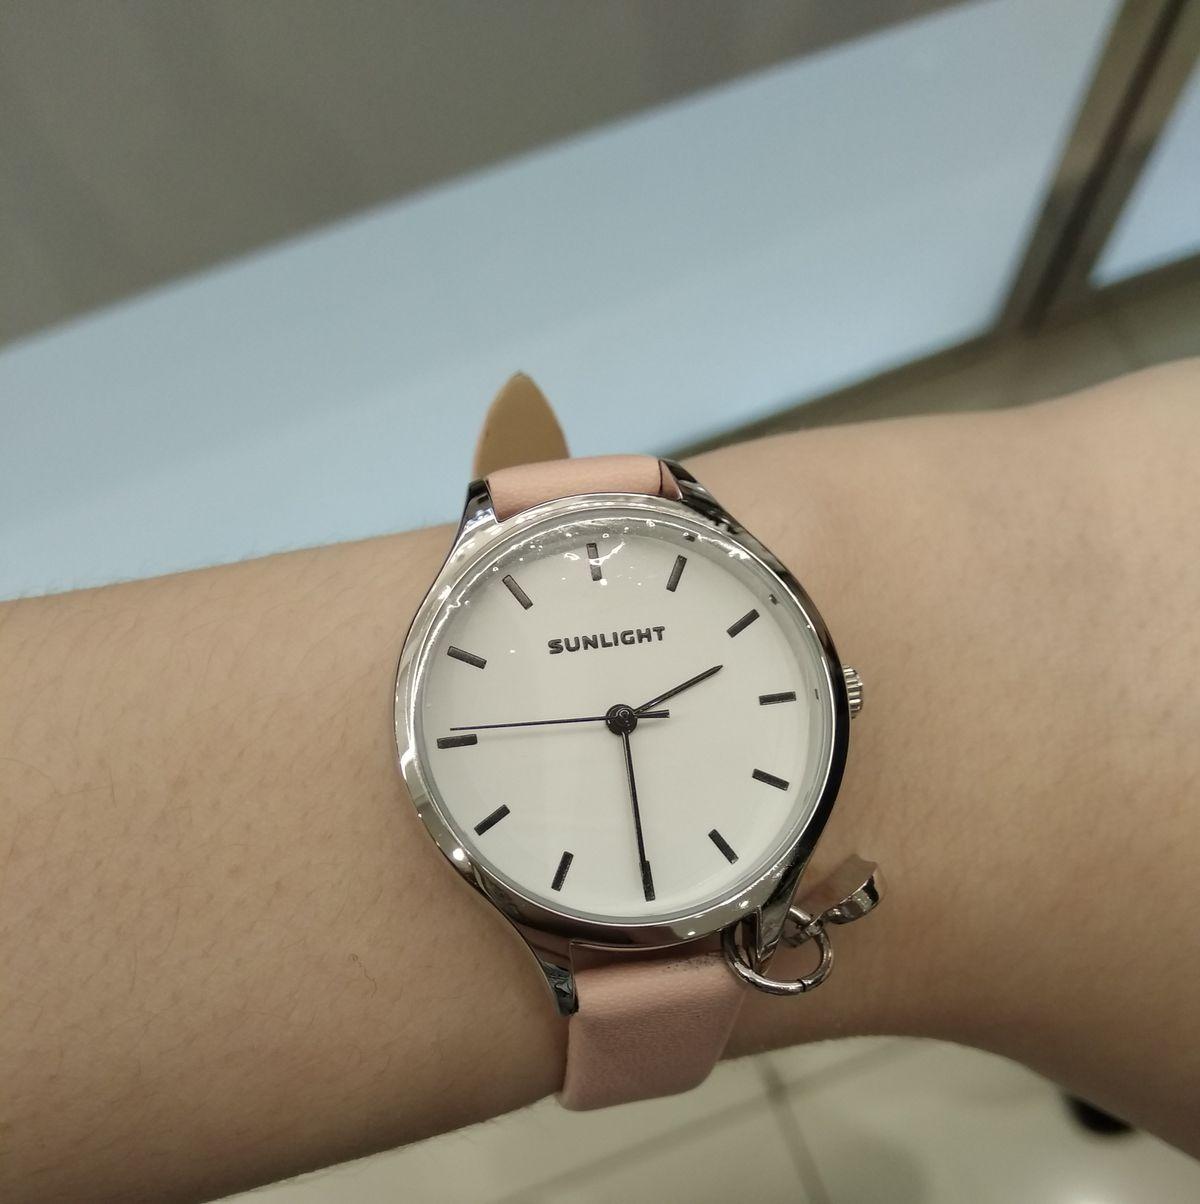 Женские часы с подвеской на кожаном ремне.